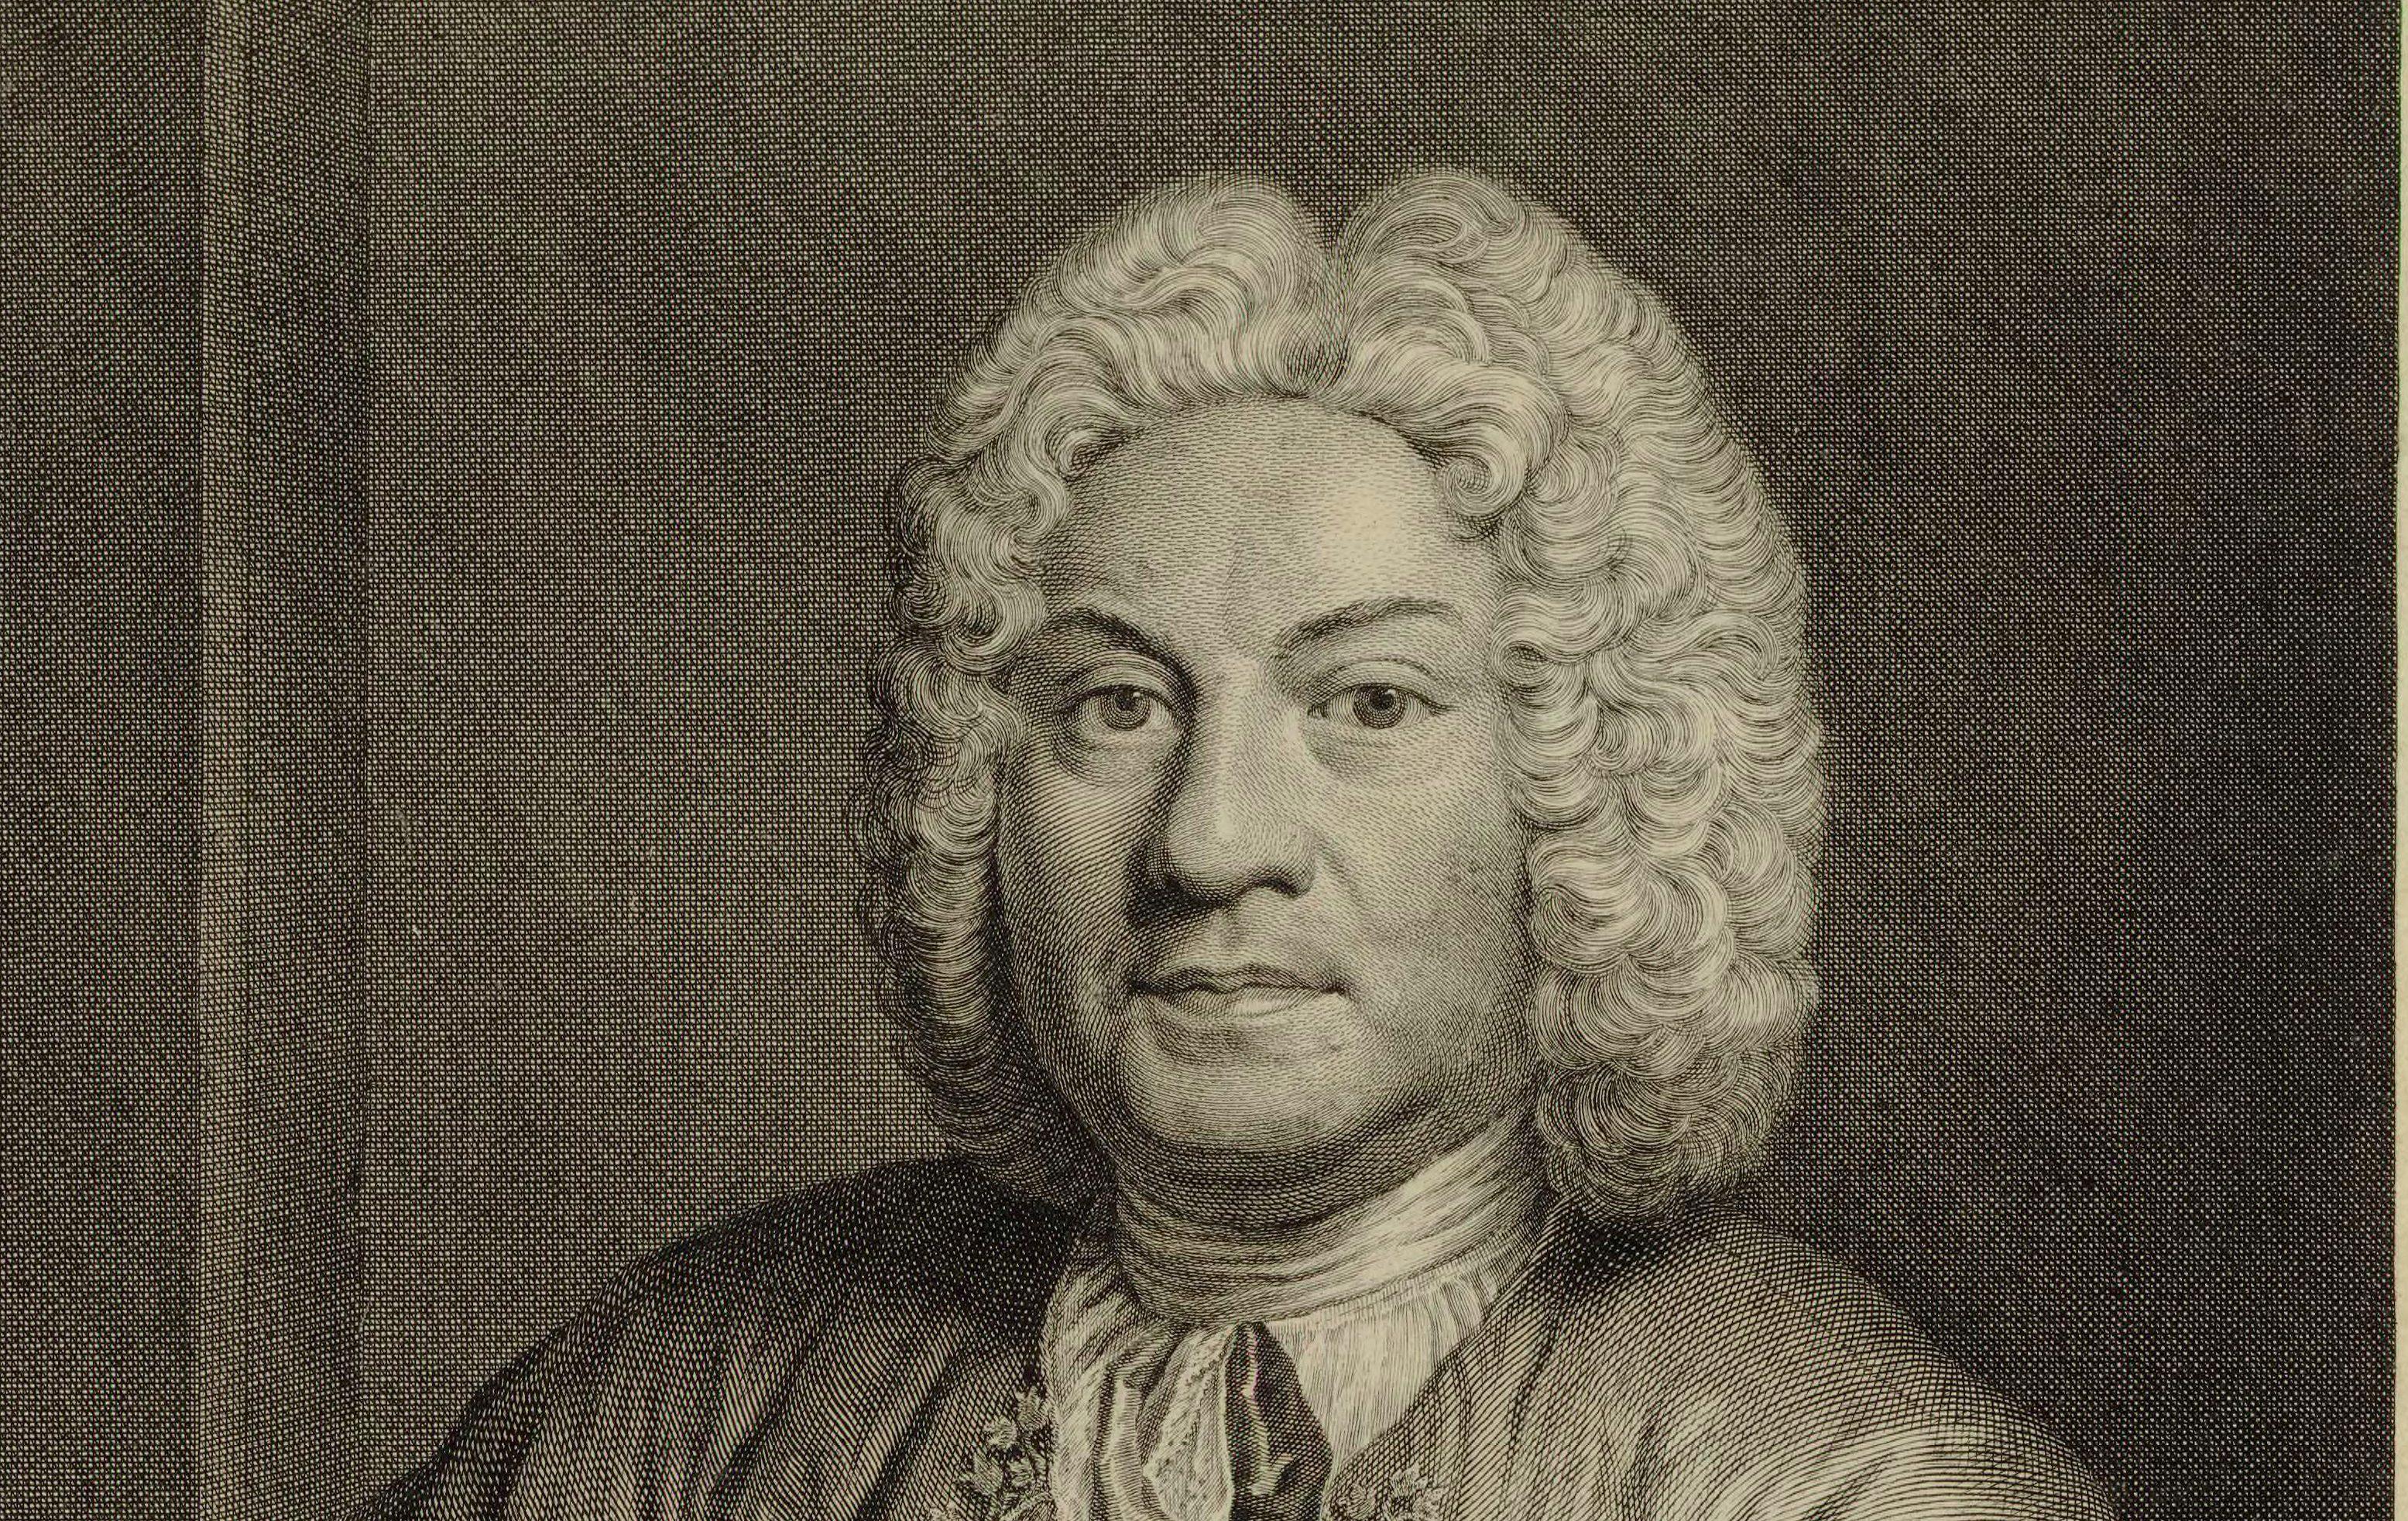 Fransoa Kupren